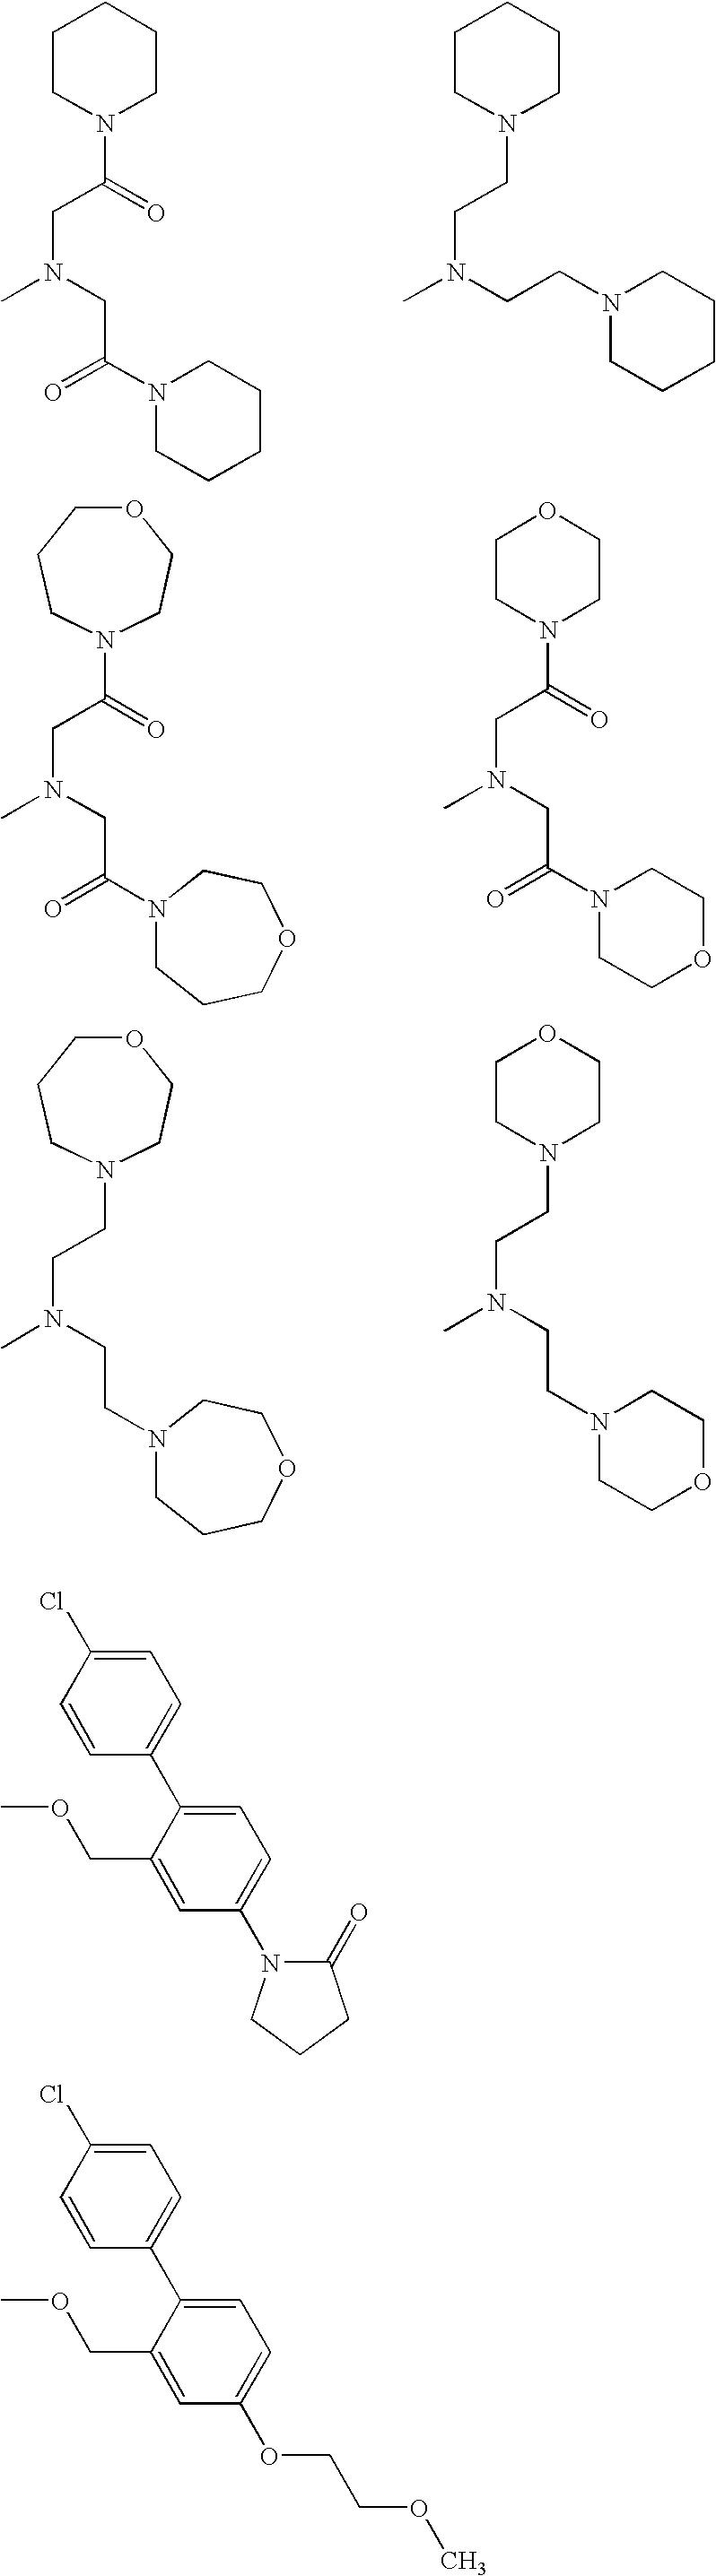 Figure US20070049593A1-20070301-C00244